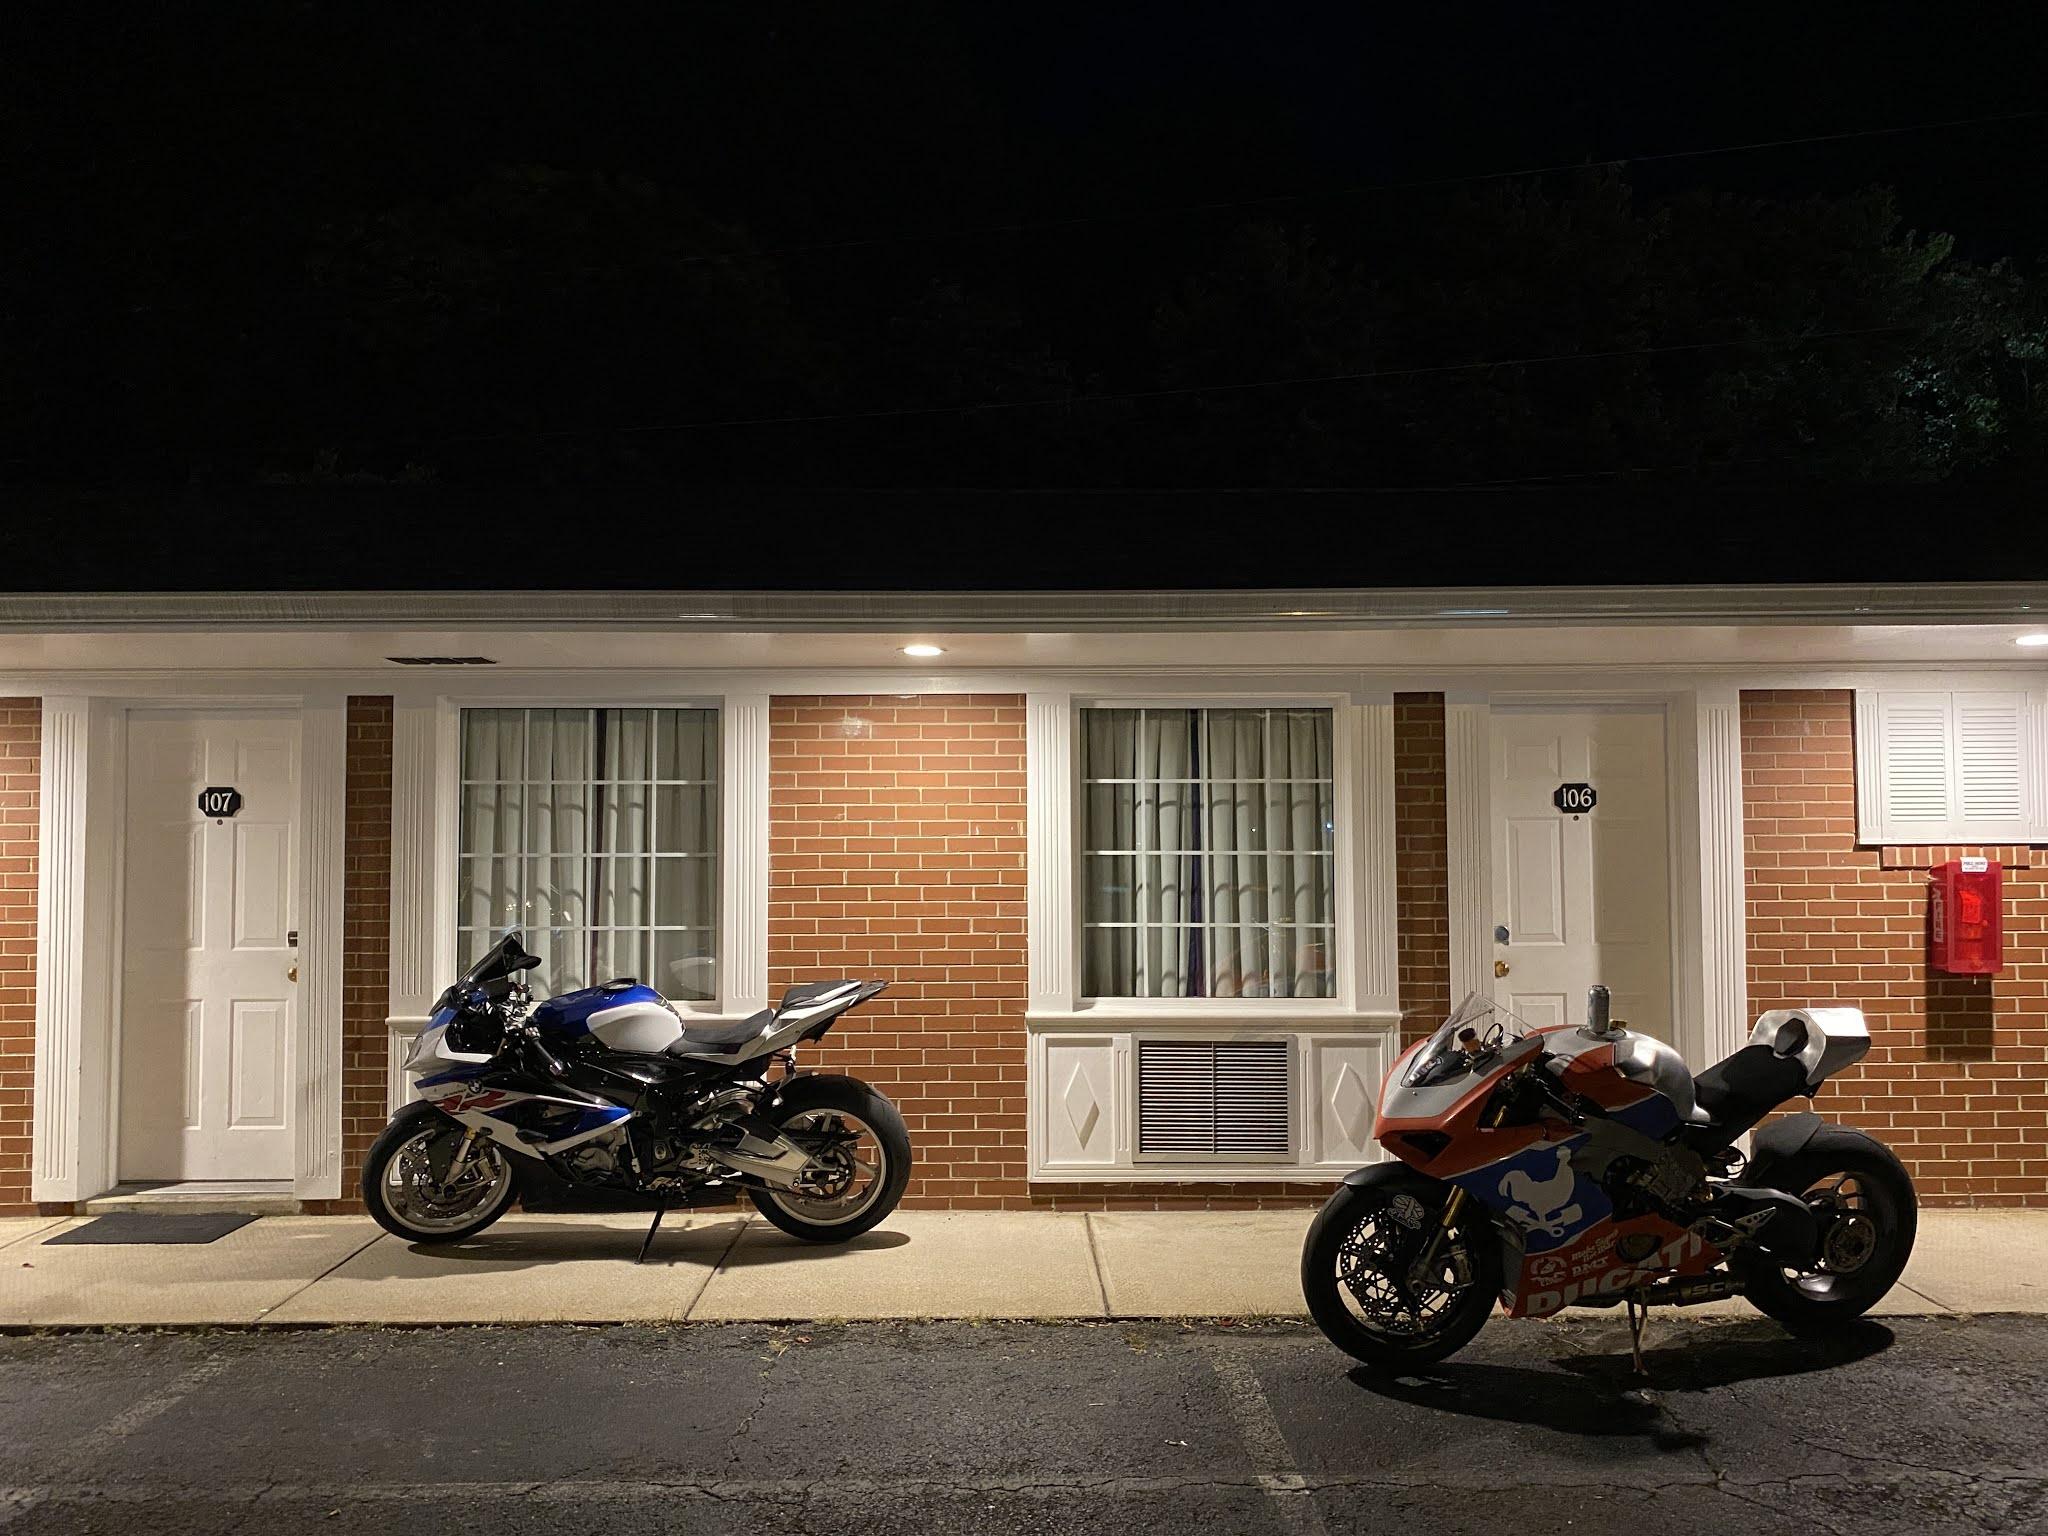 Ducati V4 Panigale - Page 24 Photo%2BJun%2B08%252C%2B8%2B37%2B09%2BPM